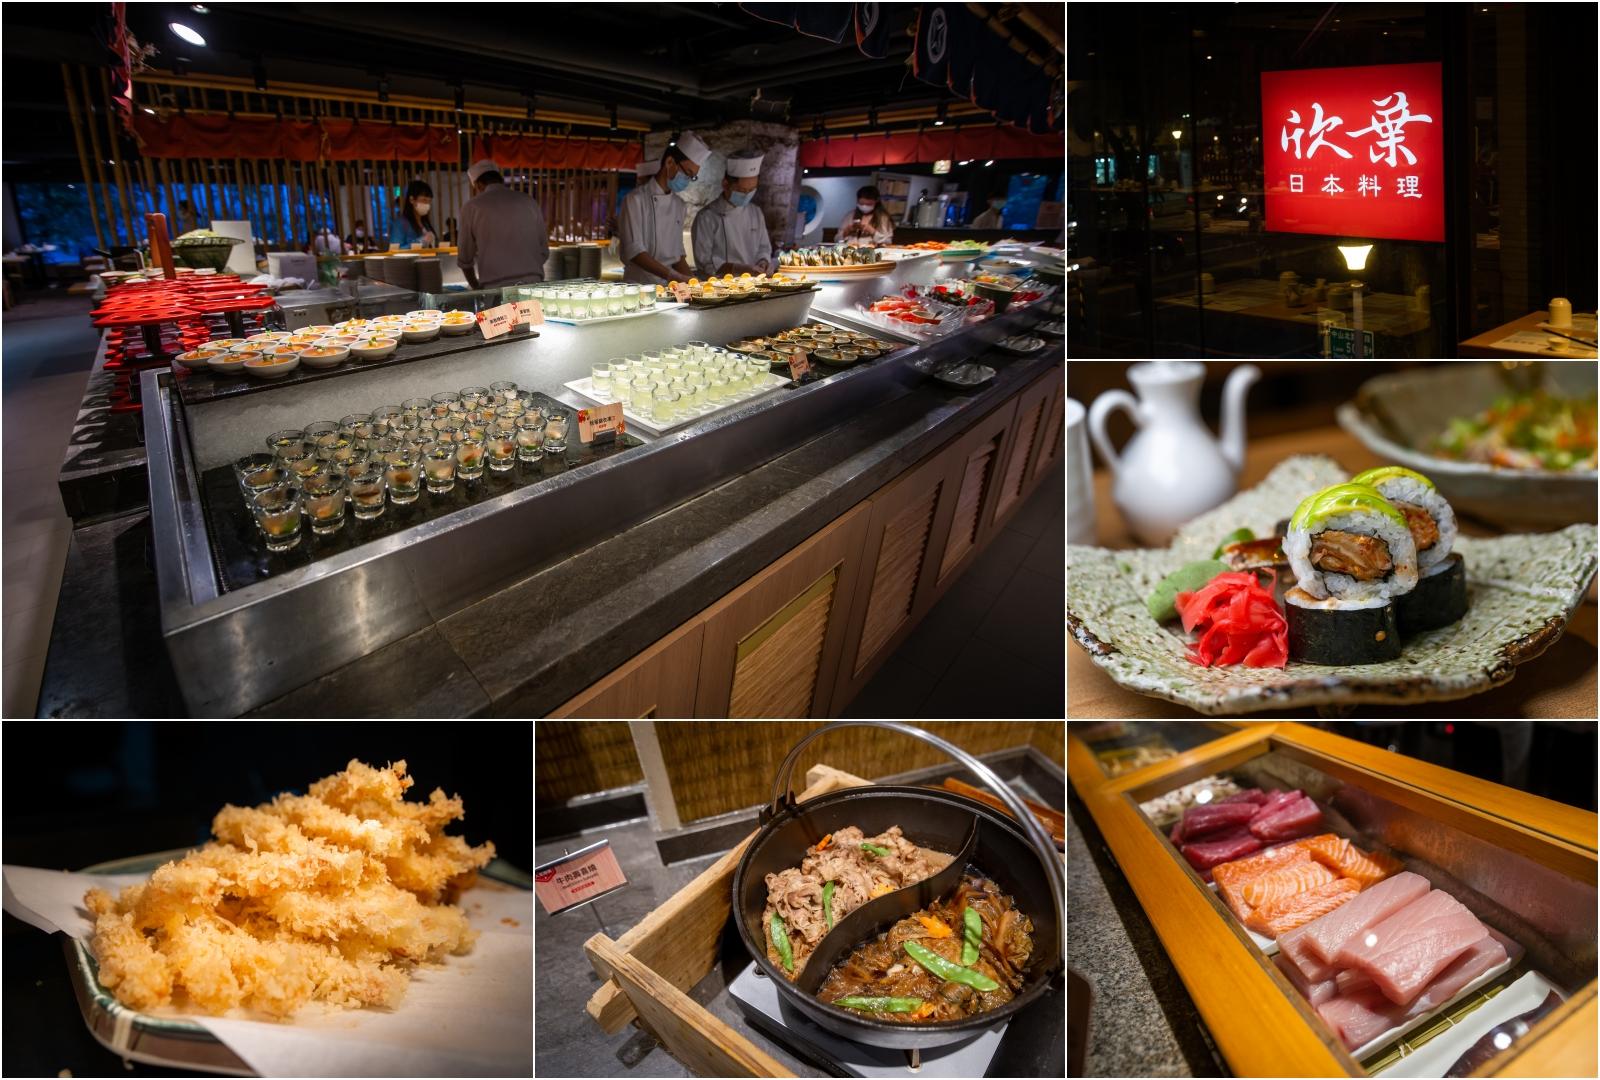 入秋了~『食慾之秋』欣葉日本料理推出全新秋季菜色,